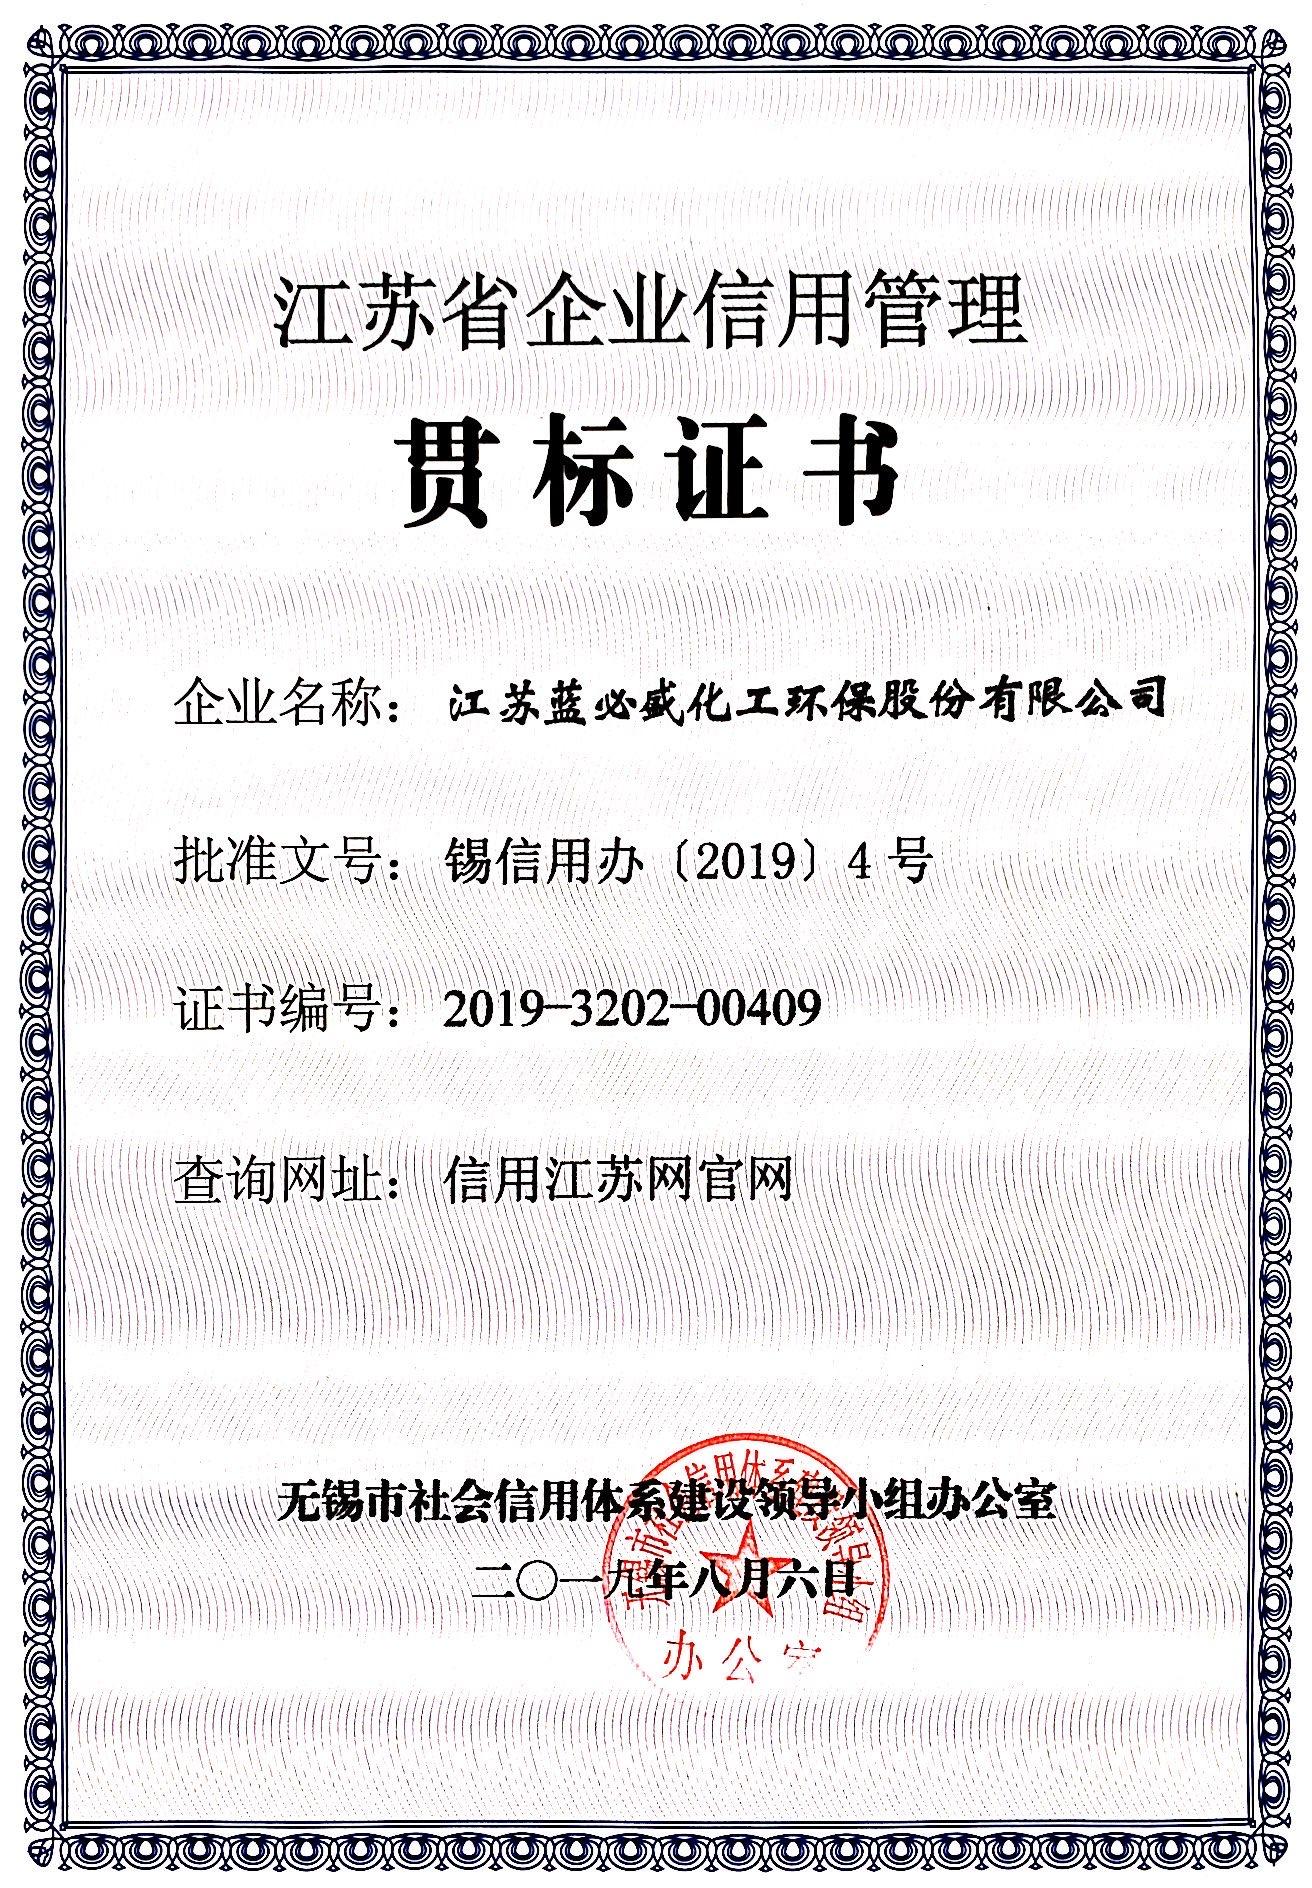 蓝必盛-检验检测机构资质认定证书